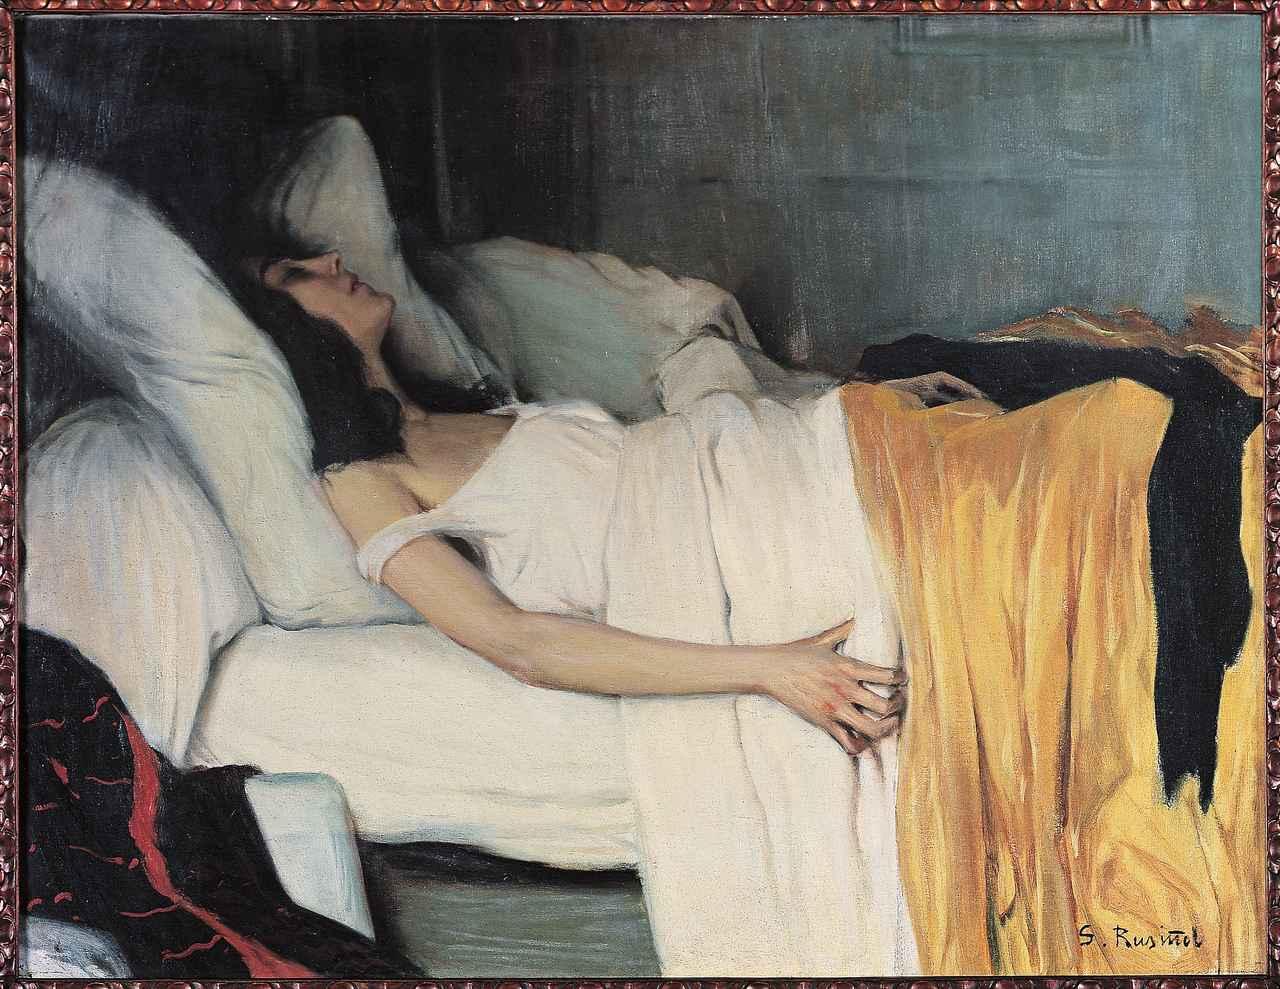 画像: サンティアゴ・ルシニョル《モルヒネ中毒の女》 1894年 油彩・カンヴァス カウ・ファラット美術館 © photography archive of the Cau Rerrat Museum